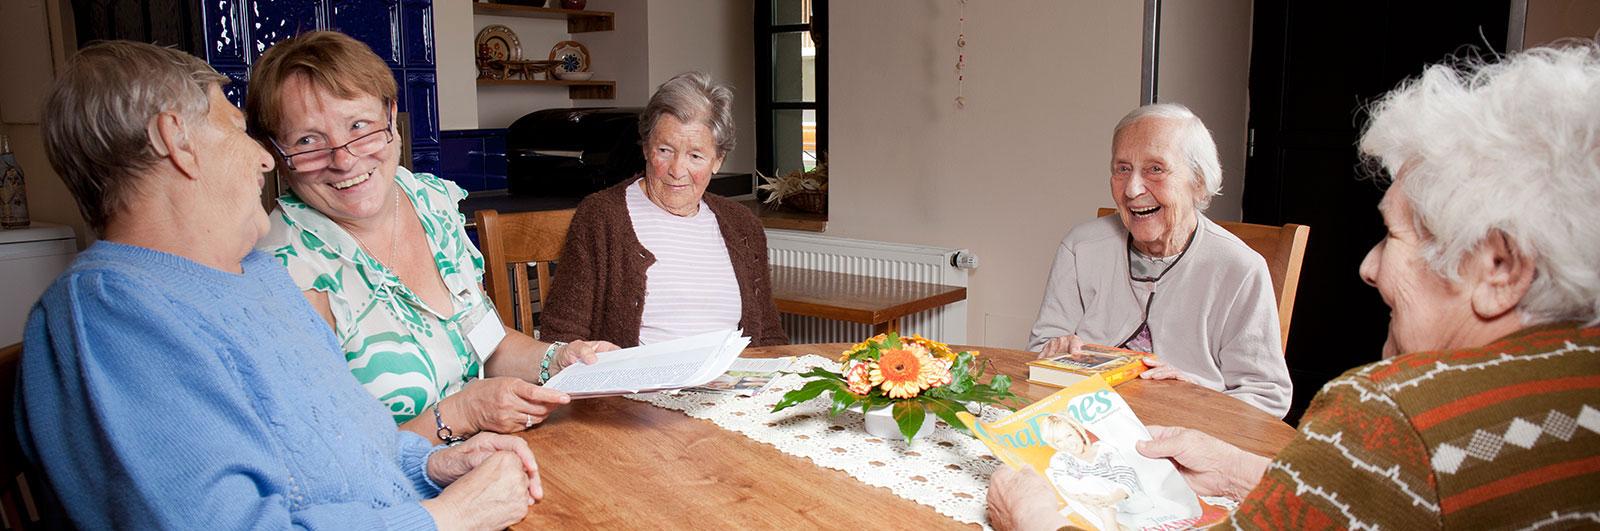 Domov seniorů